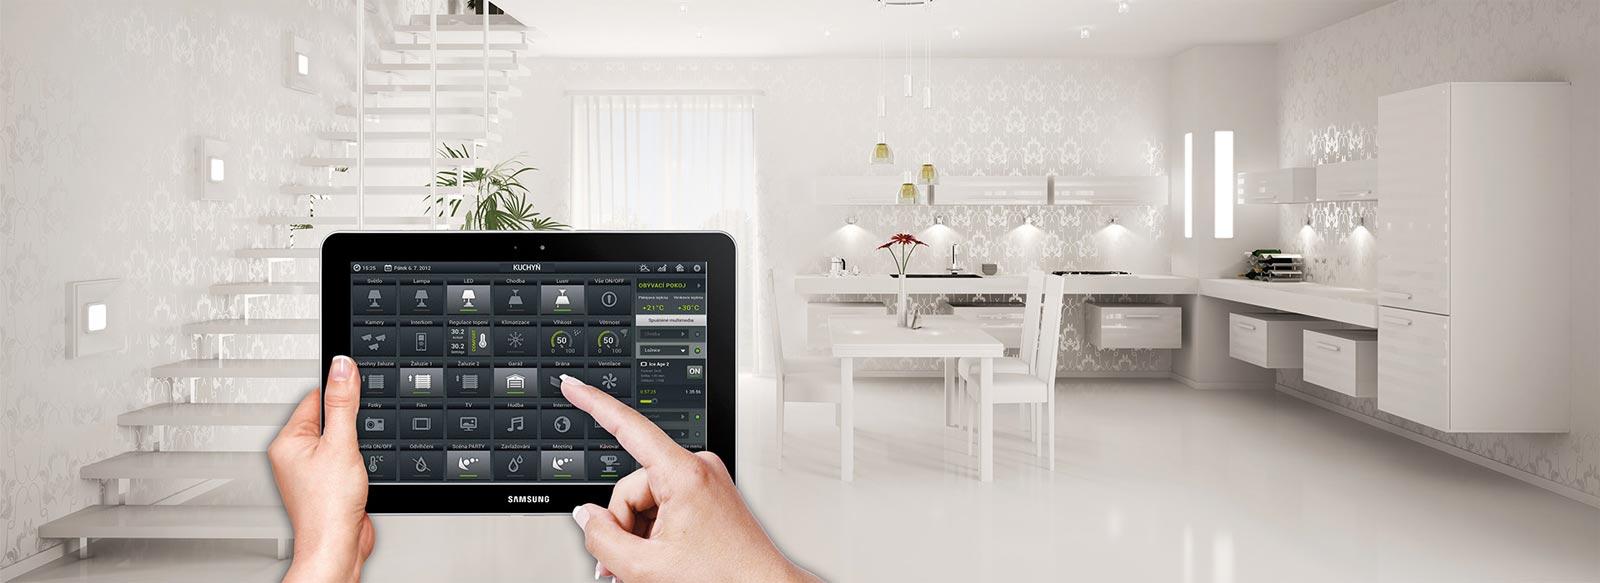 Inels-inteligentní dům